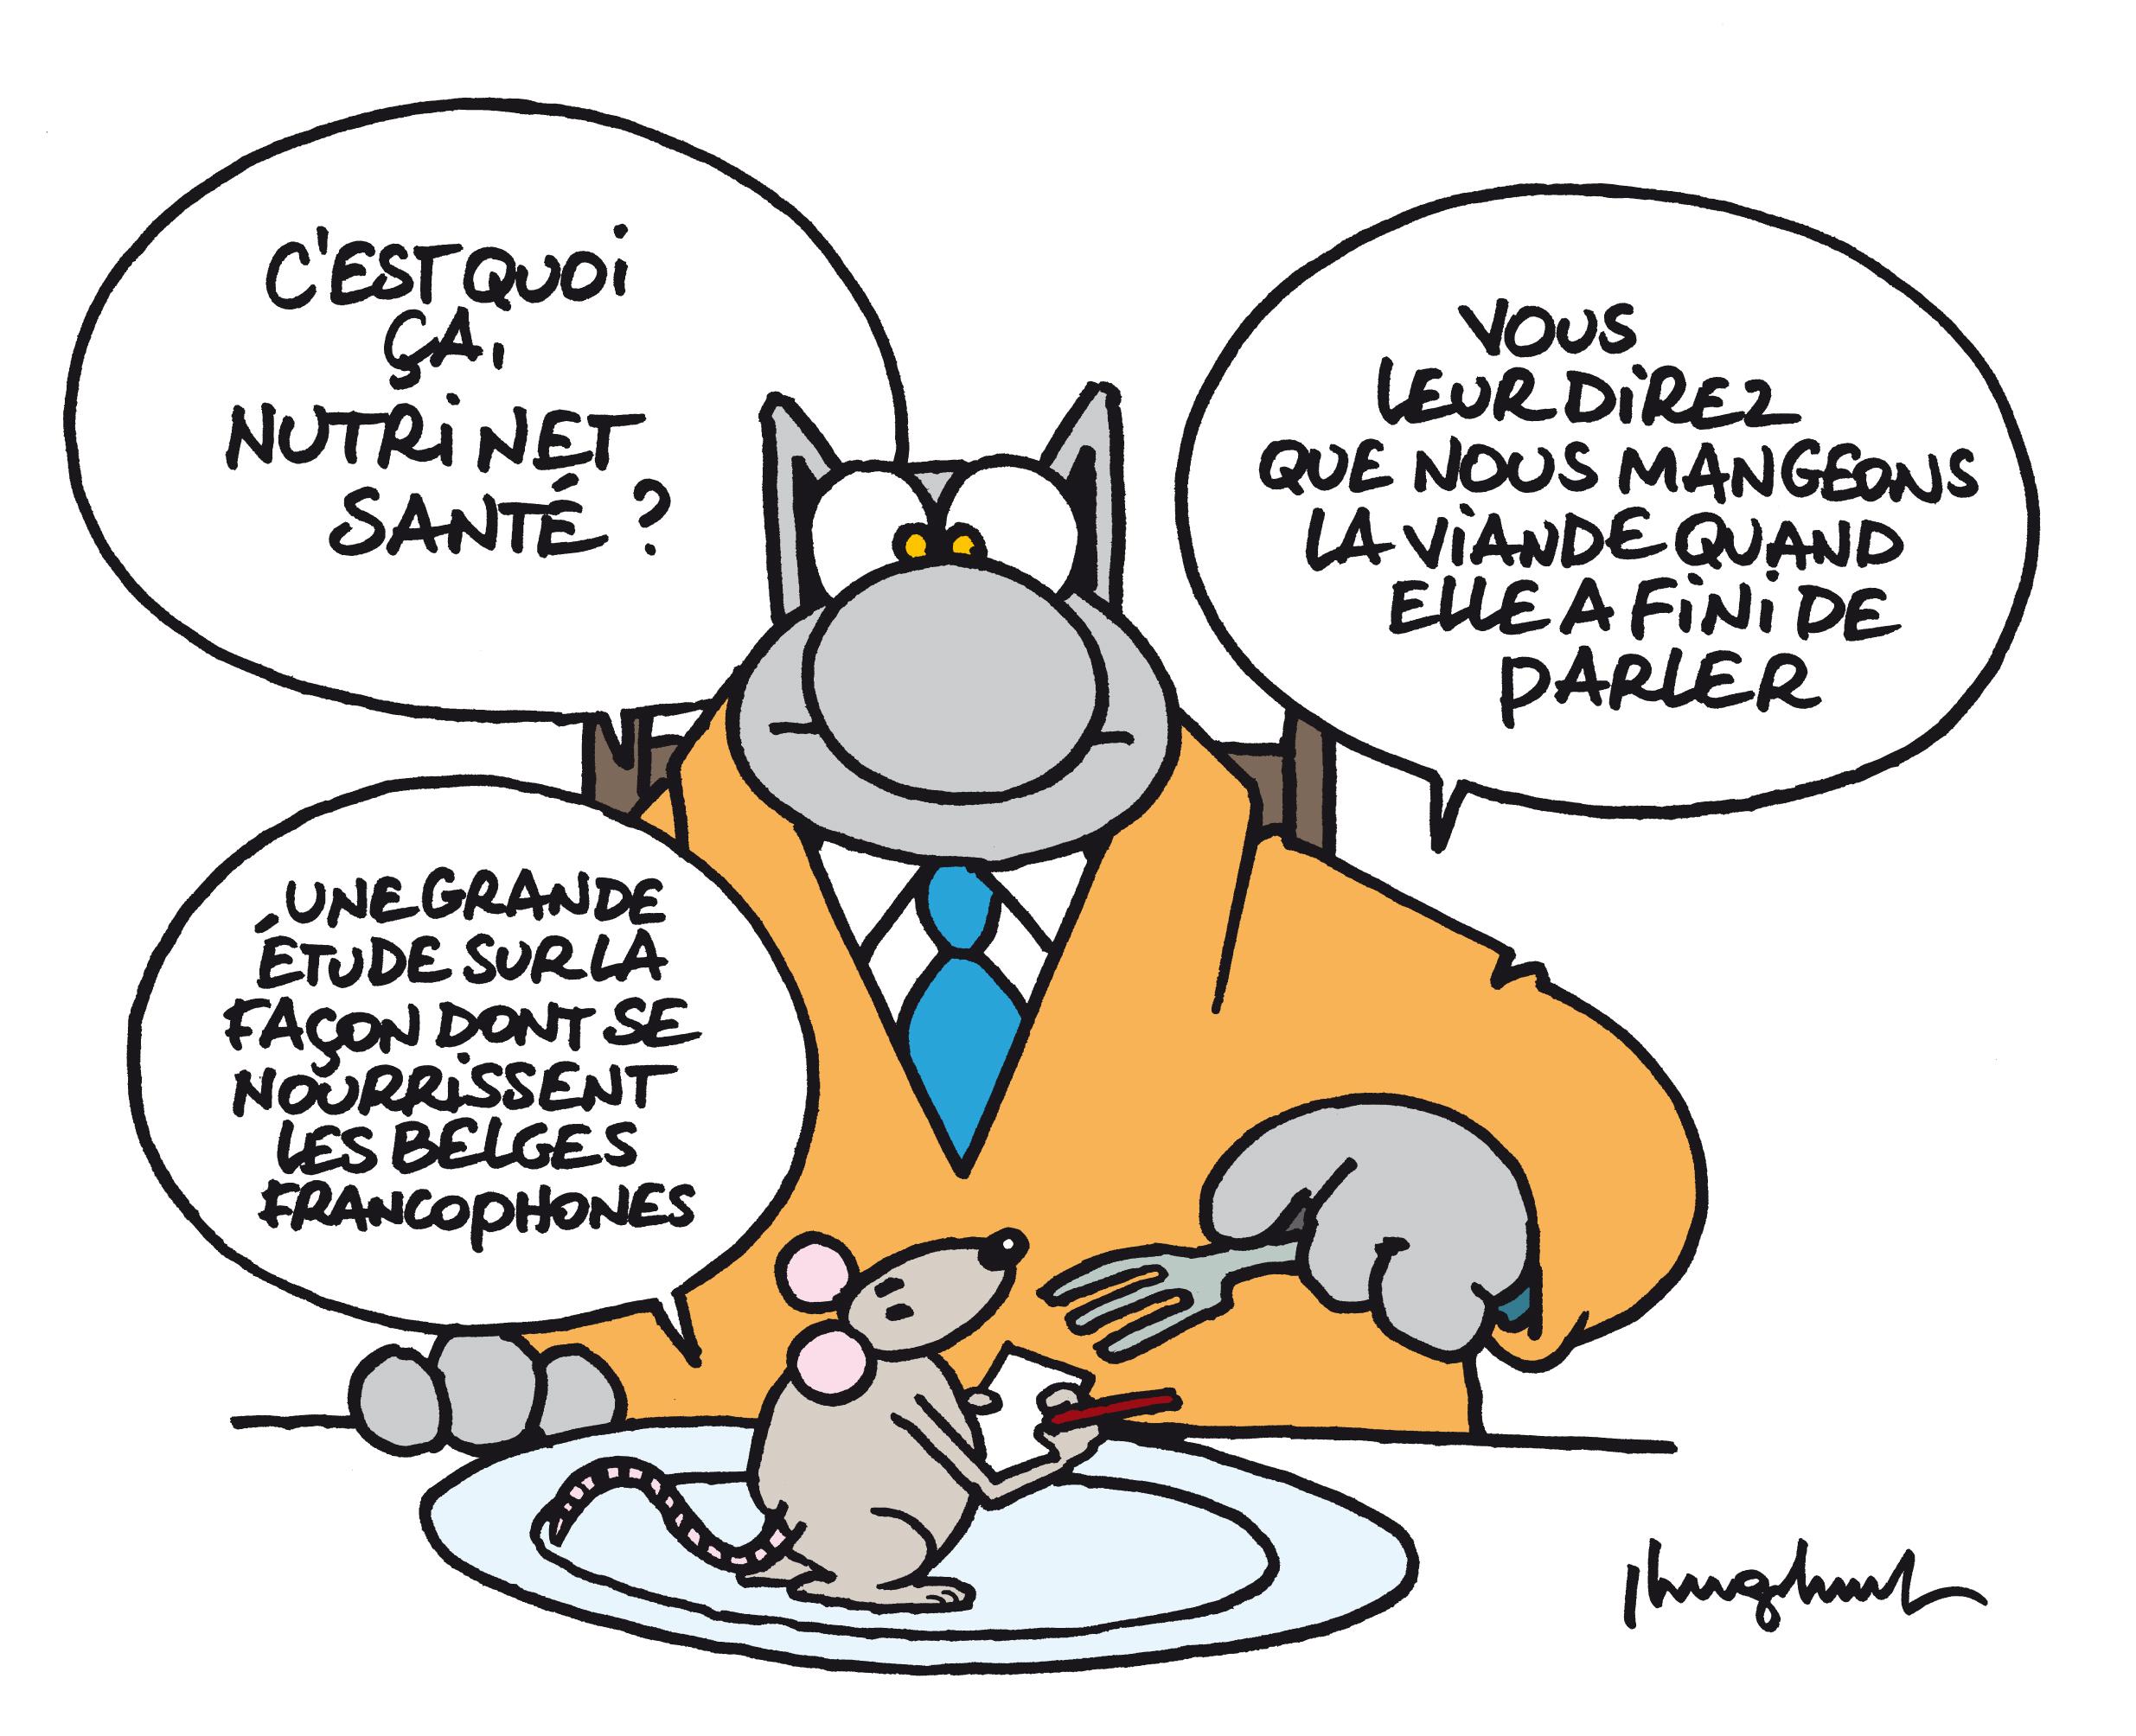 L enqu te nutrinet sant se d ploie en belgique for Que manger entre amis